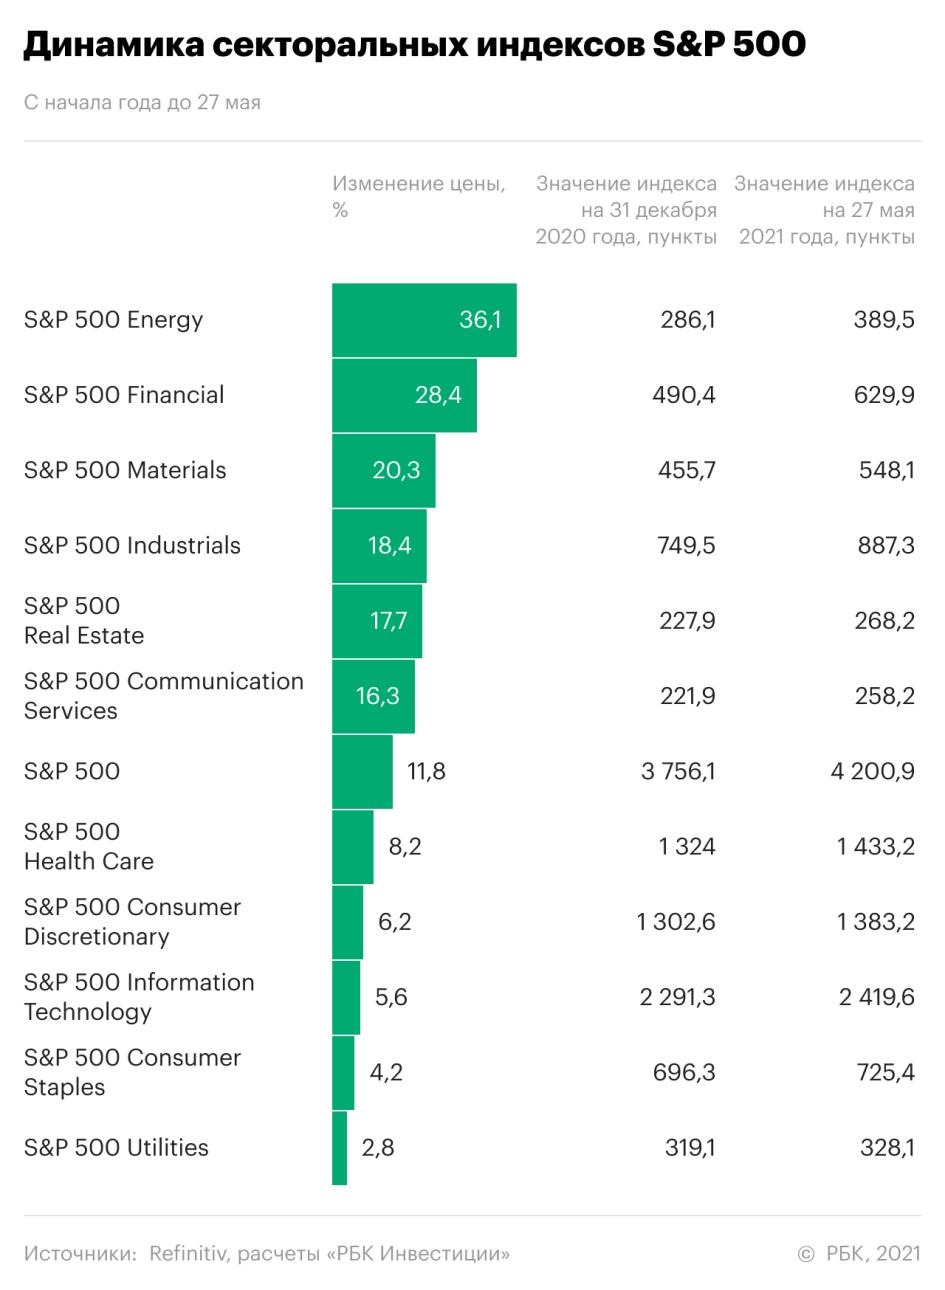 Деньги и нефть вместо IT. Рейтинг отраслевых индексов «РБК Инвестиций»